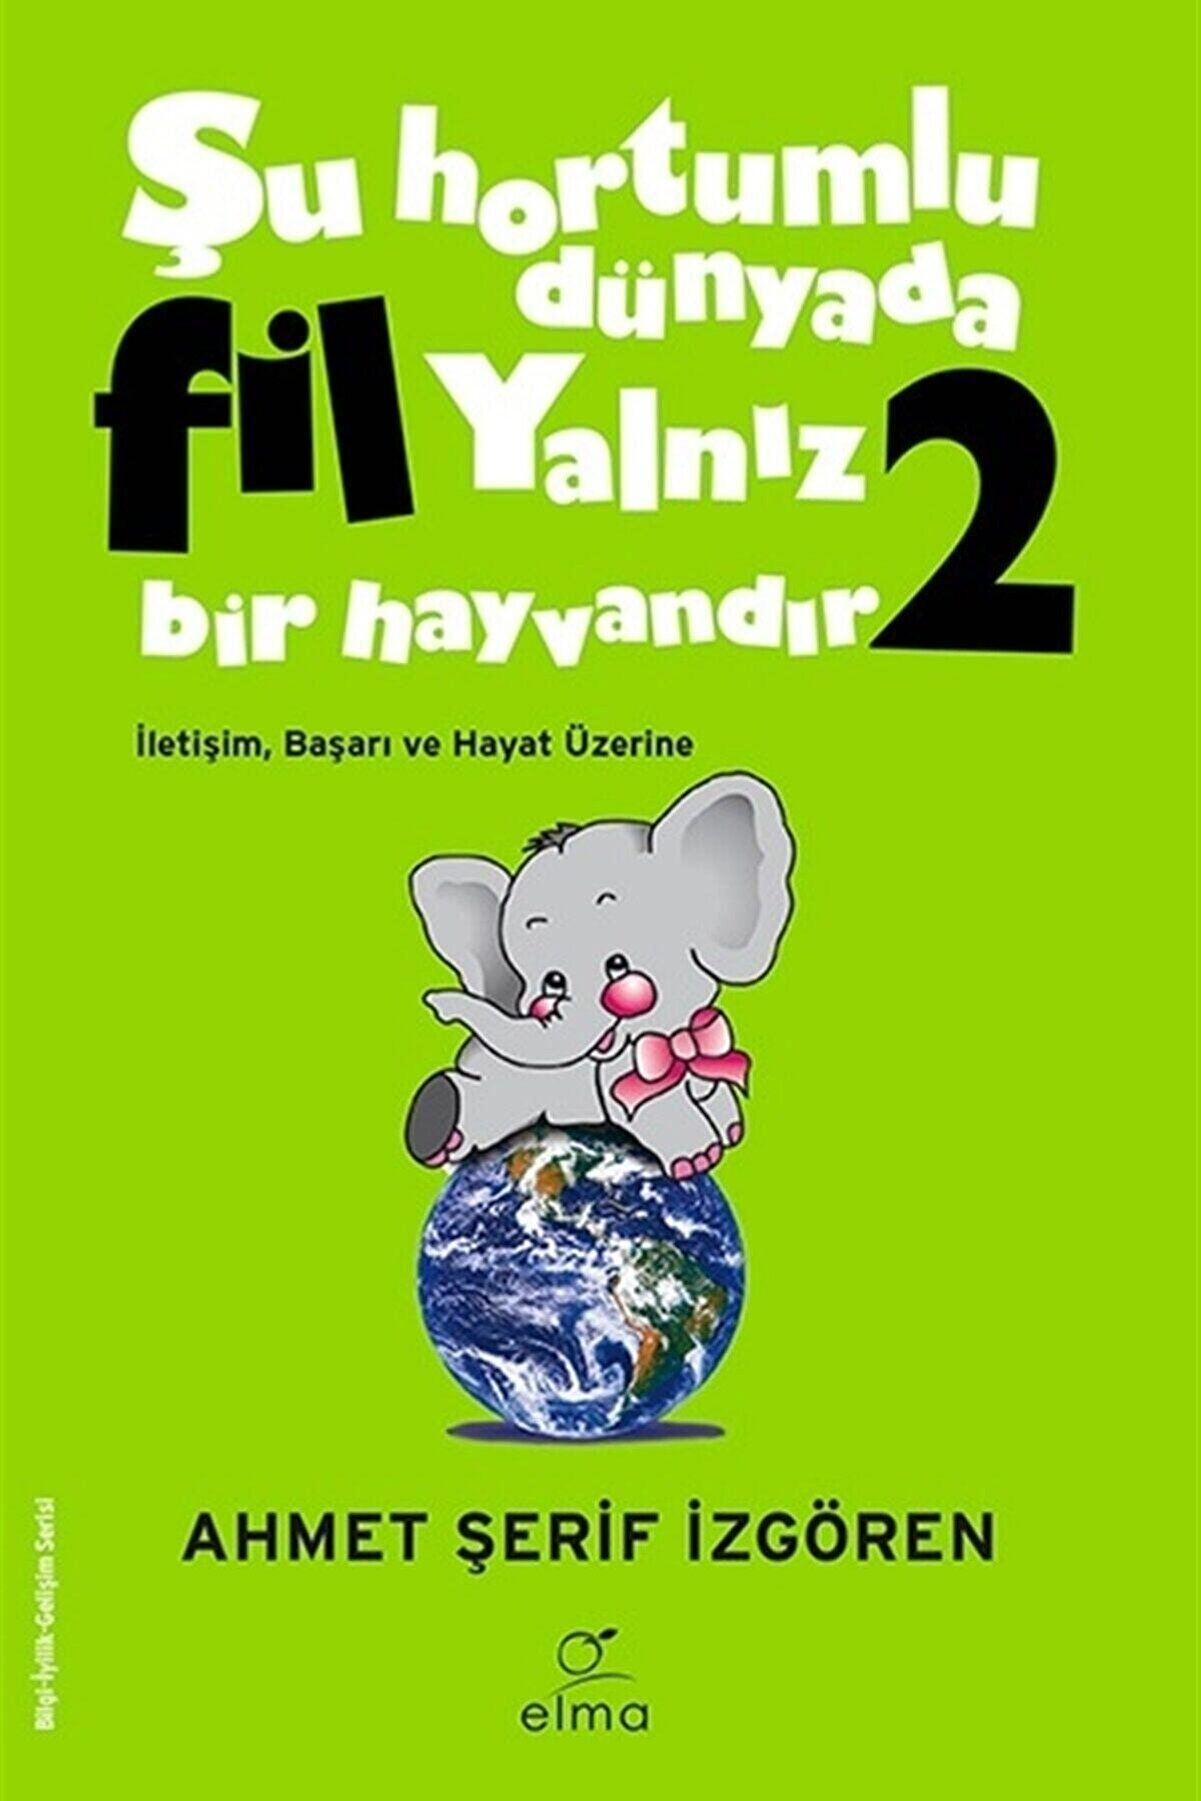 ELMA Yayınevi Şu Hortumlu Dünyada Fil Yalnız Bir Hayvandır 2 (YEŞİL KAPAK) - Ahmet Şerif Izgören -